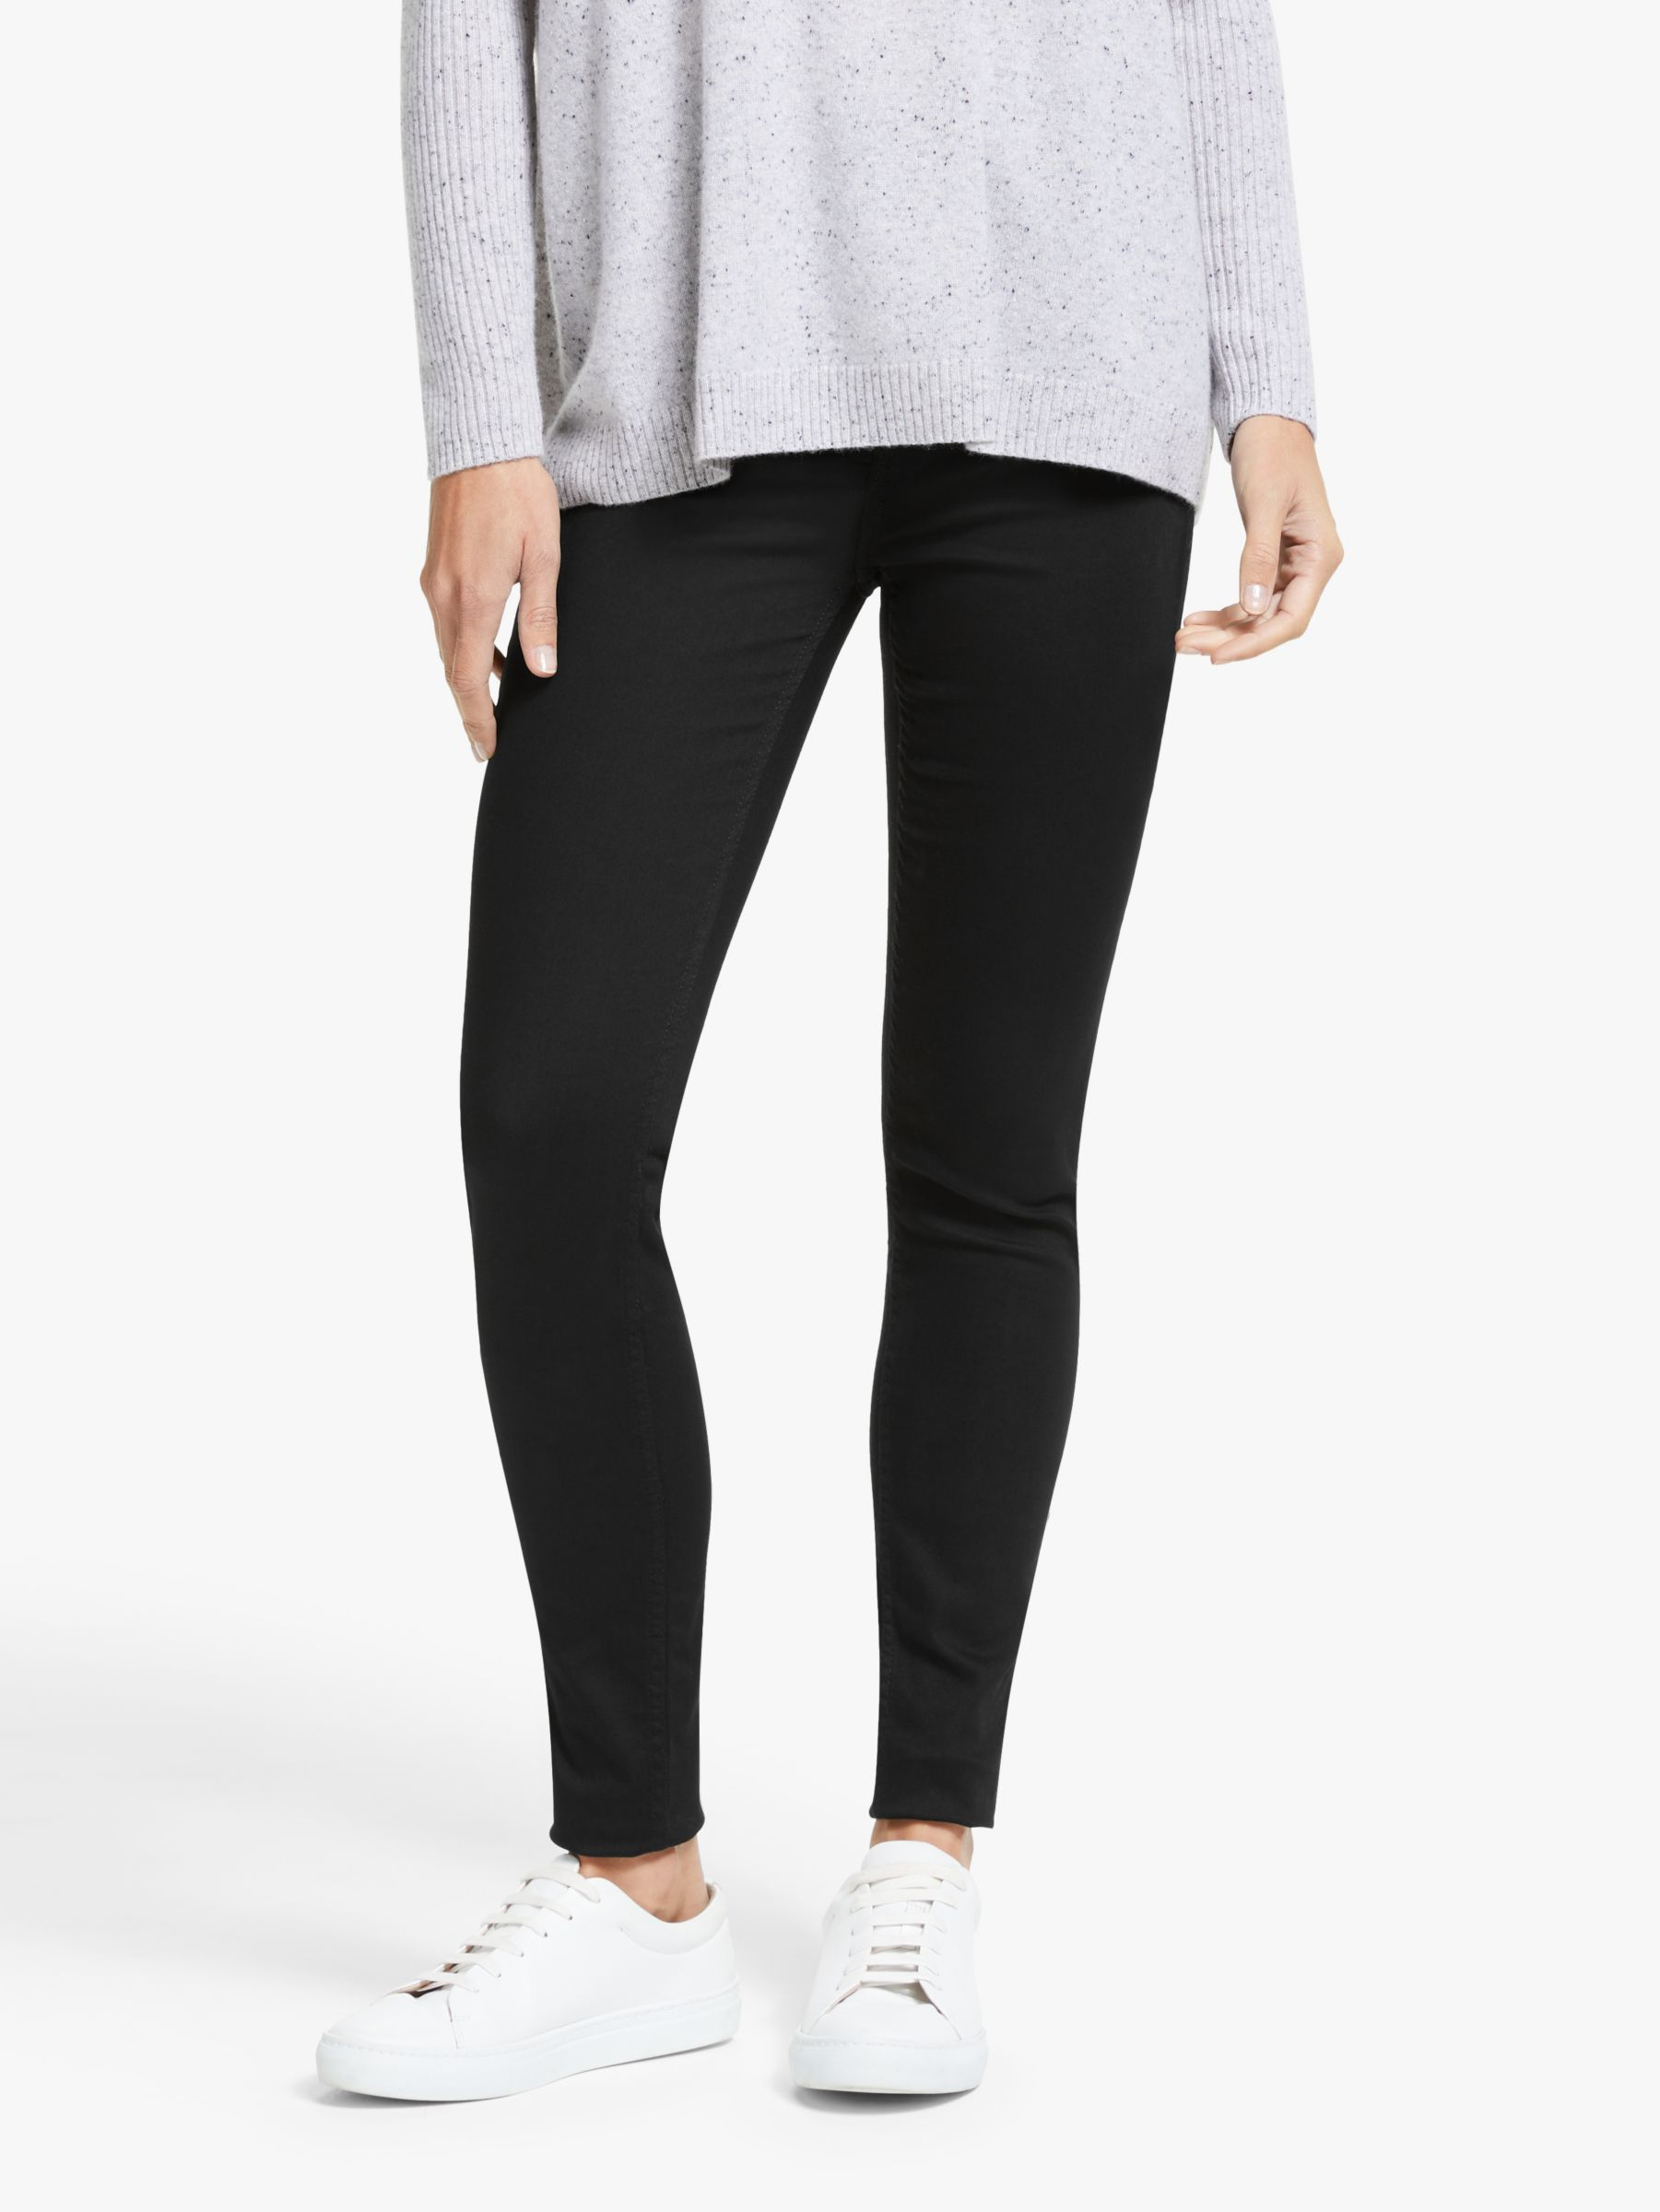 Lee Lee Ivy High Waist Super Skinny Jeans, Black Rinse